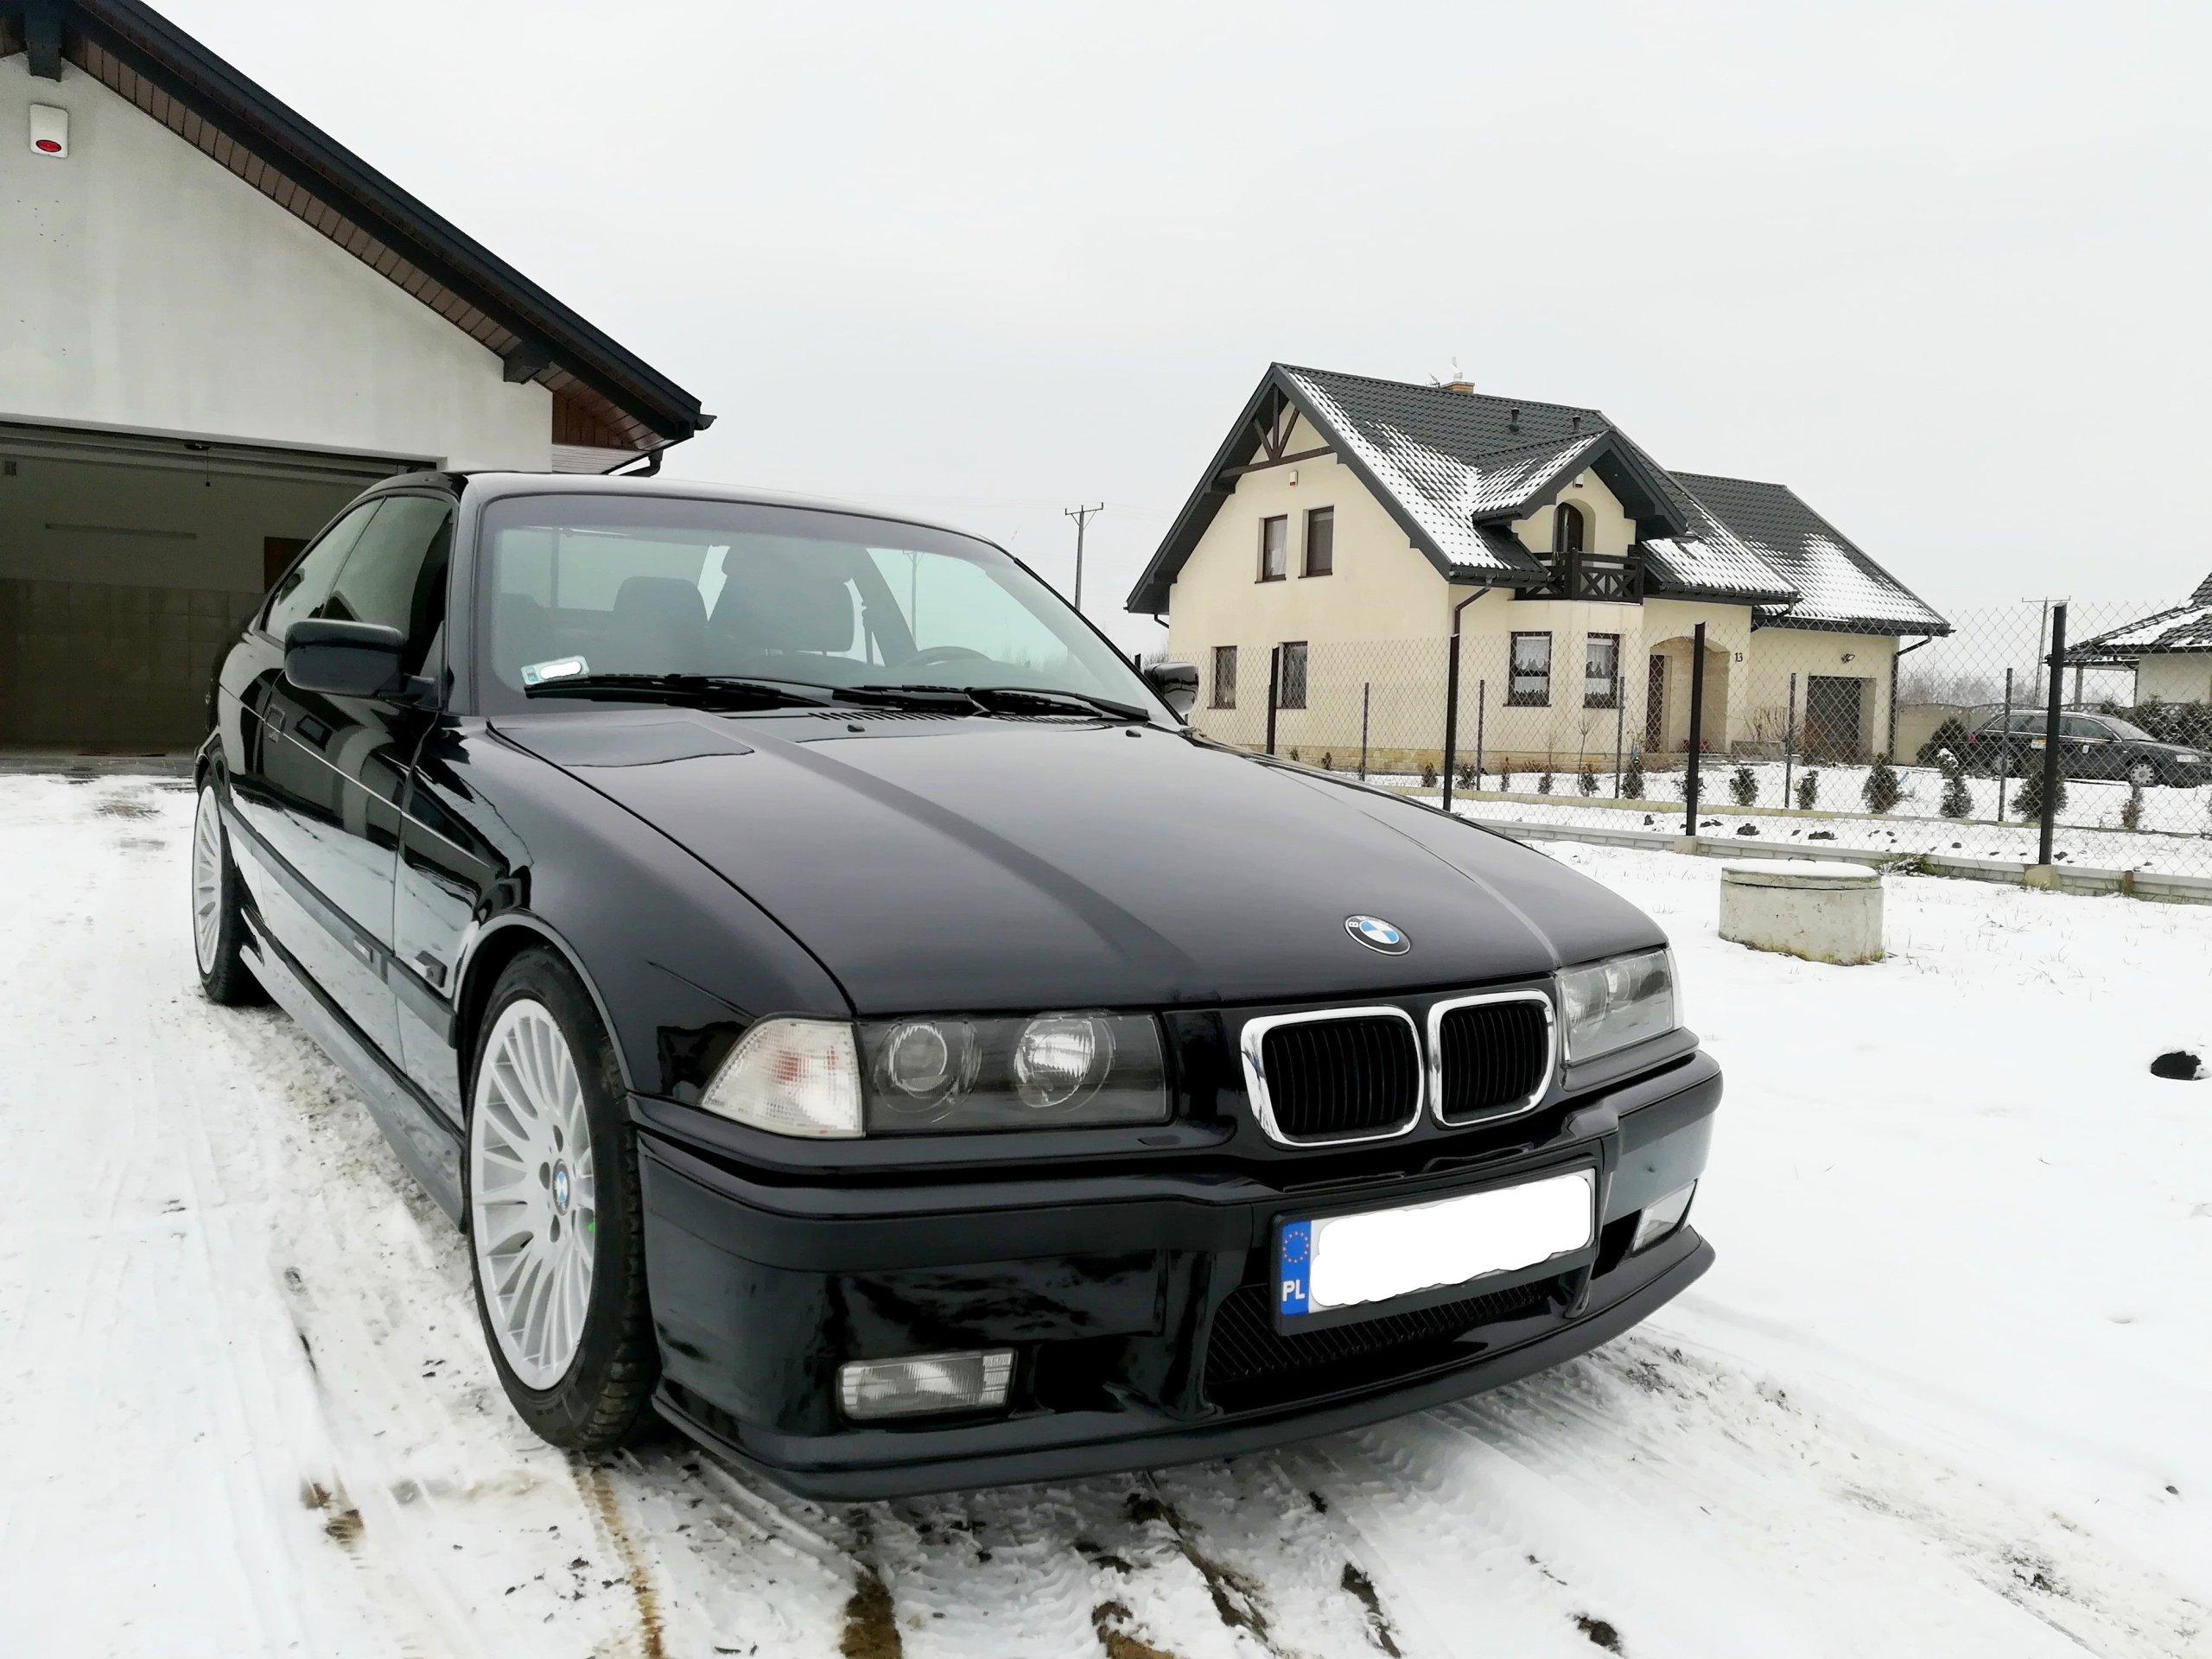 85fc4ef8d BMW E36 328 2.8 COUPE M-PAKIET IDEALNY STAN - 7181425790 - oficjalne ...